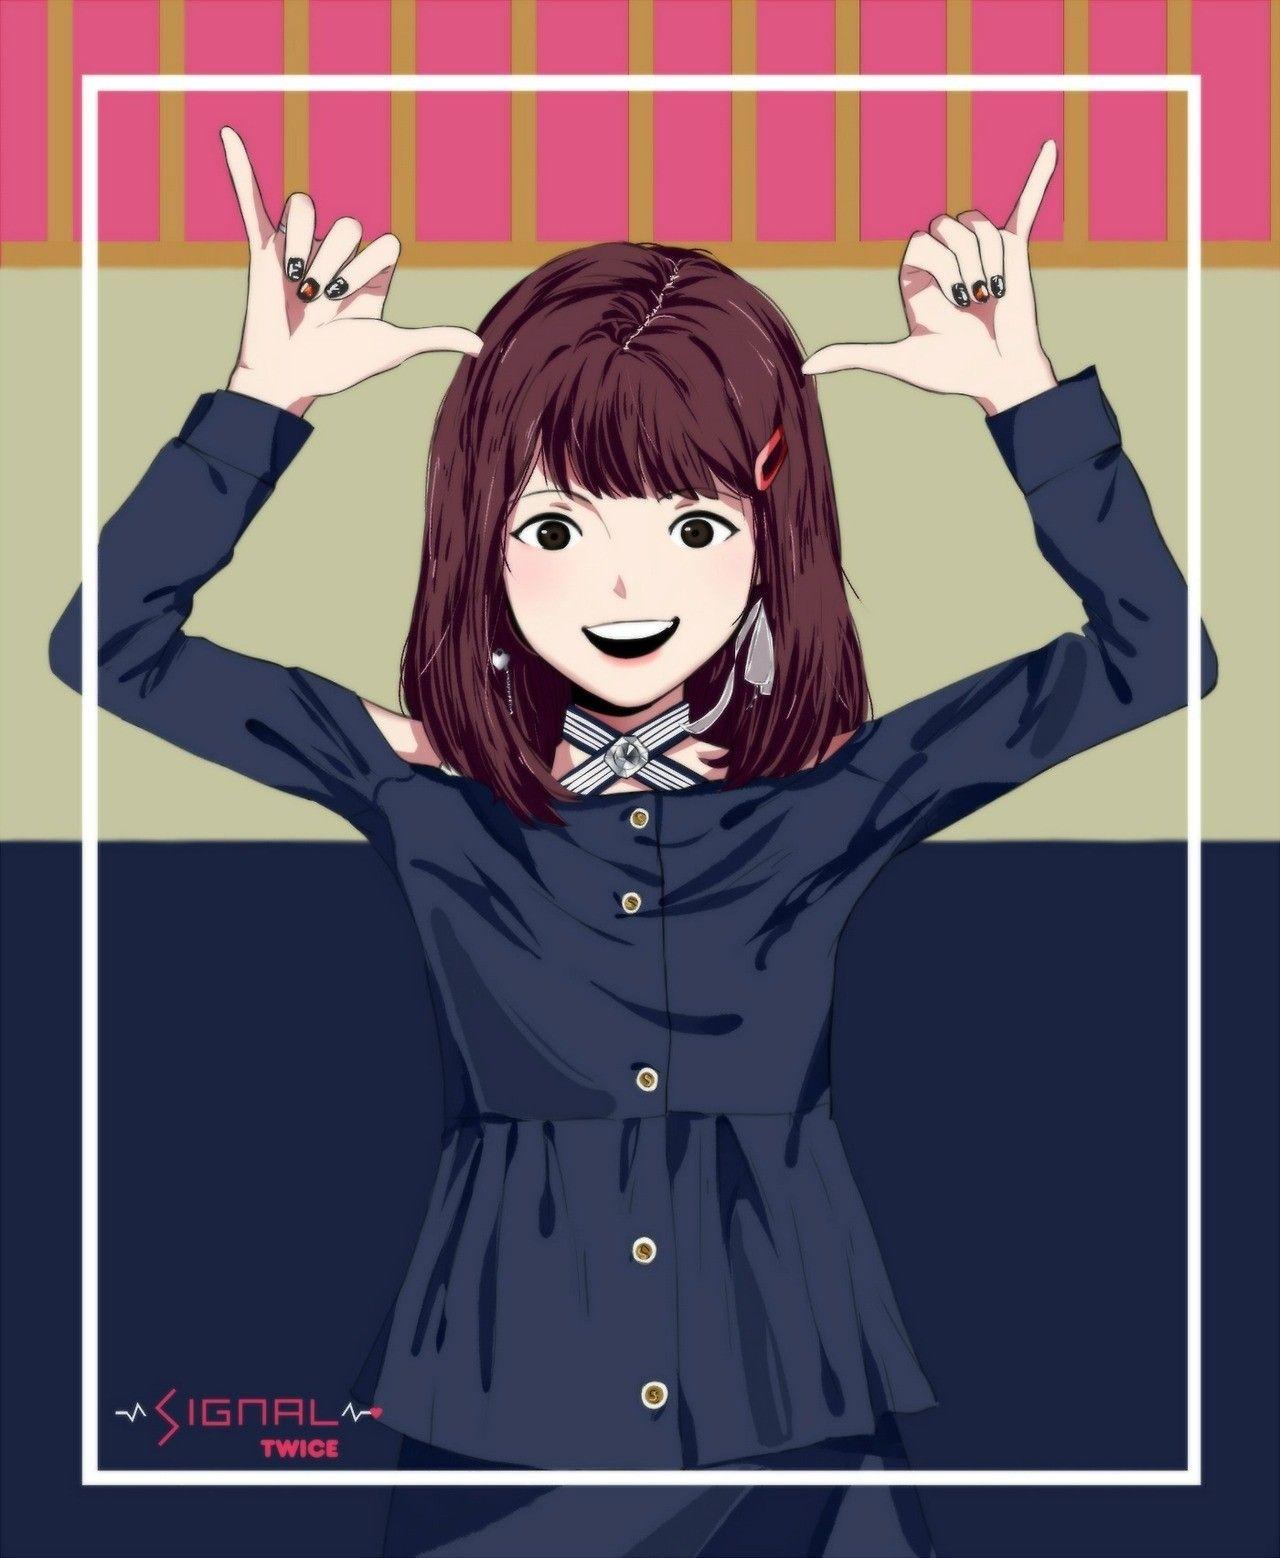 Momo (Twice member) Twice fanart, Fan art